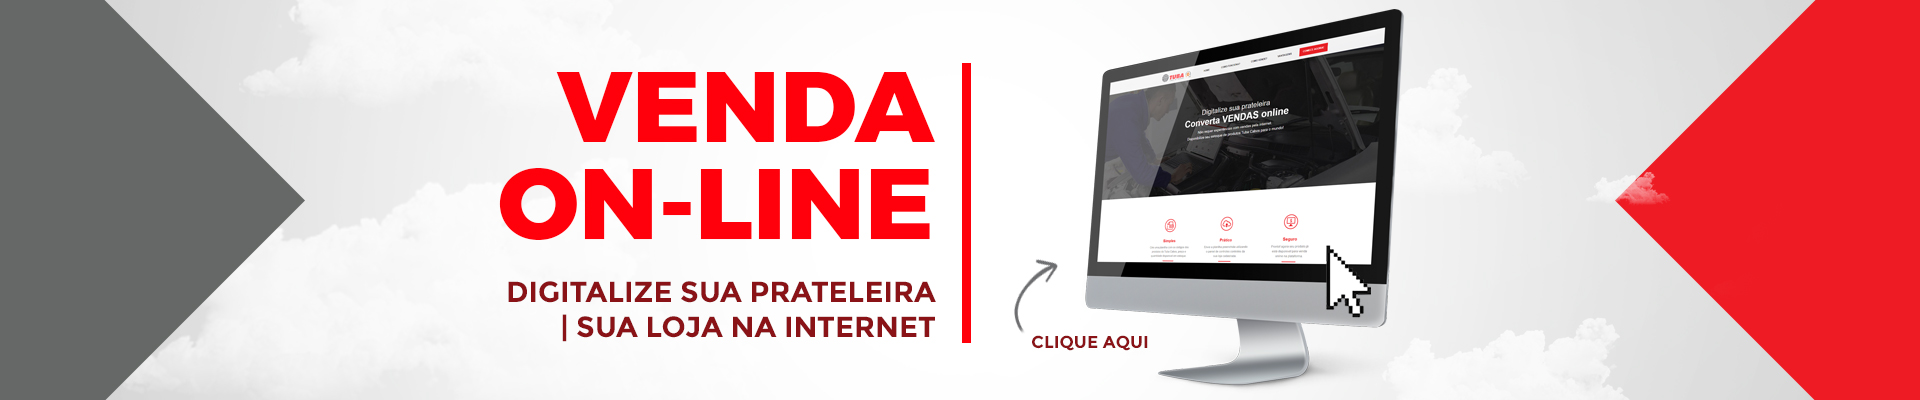 Digitalize sua prateleira de produtos da Tuba Cabos e comece a vender na internet